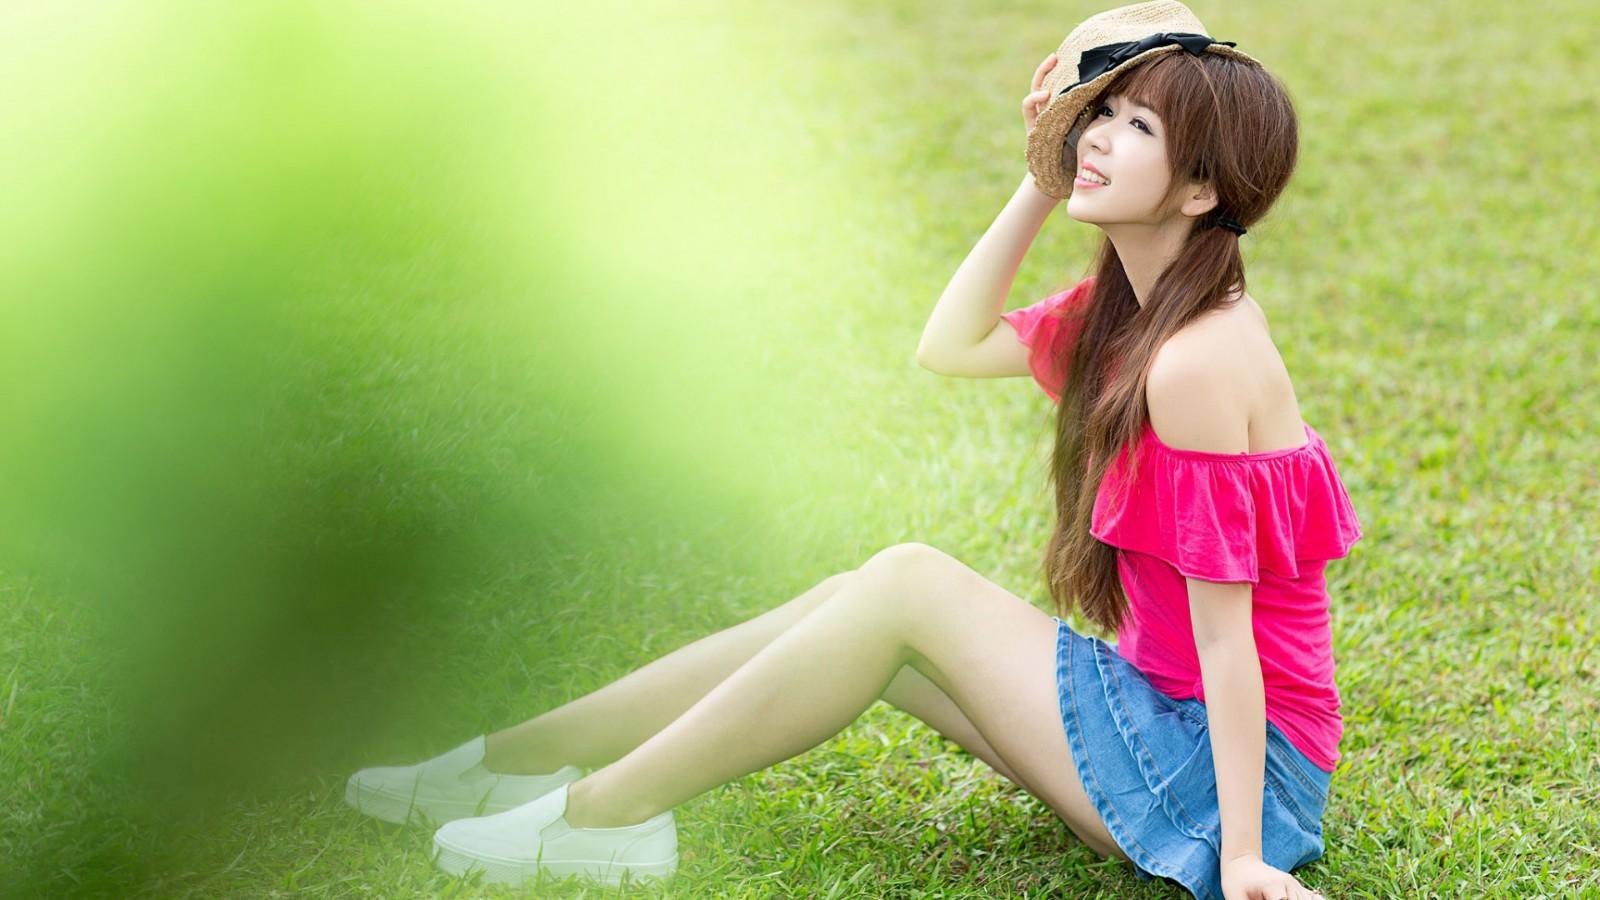 花样少女,绿色草地,夏天,自然,小清新,可爱,青春,美女壁纸